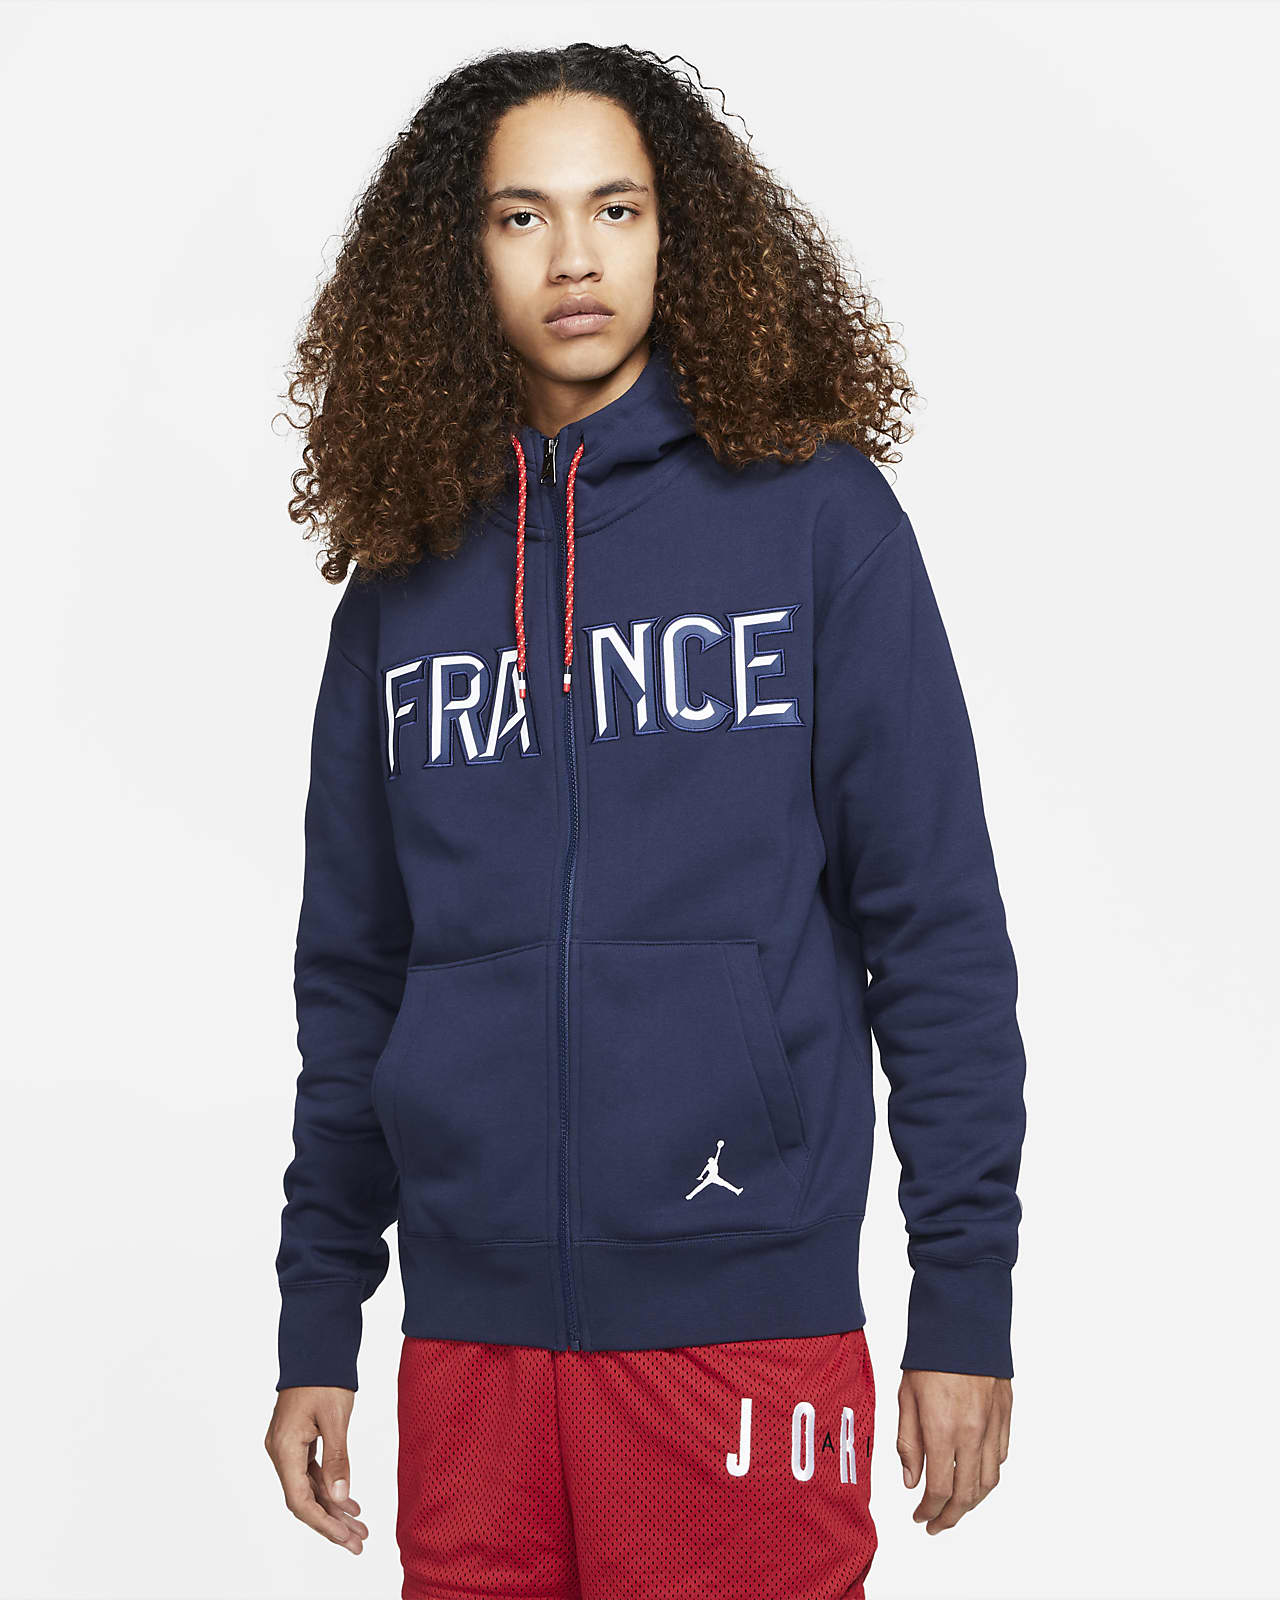 France Jordan Flight Men's Full-Zip Fleece Hoodie